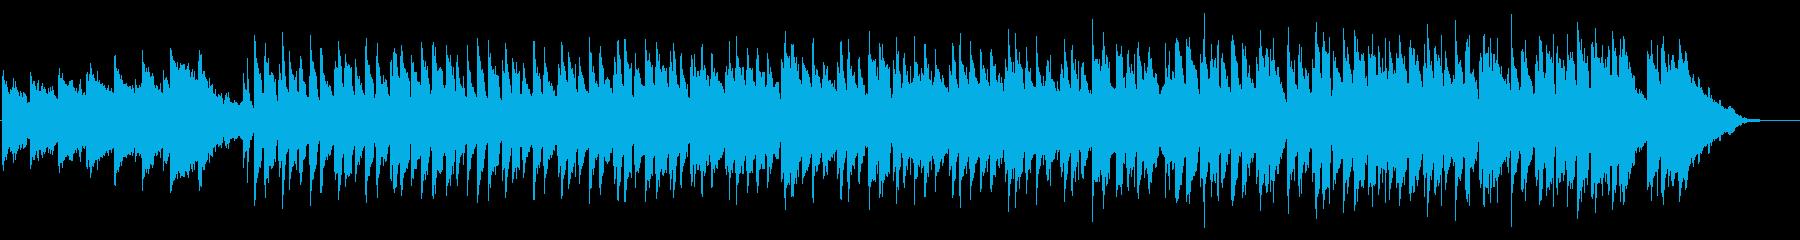 【ショート】キラキラした冬の温かなポップの再生済みの波形